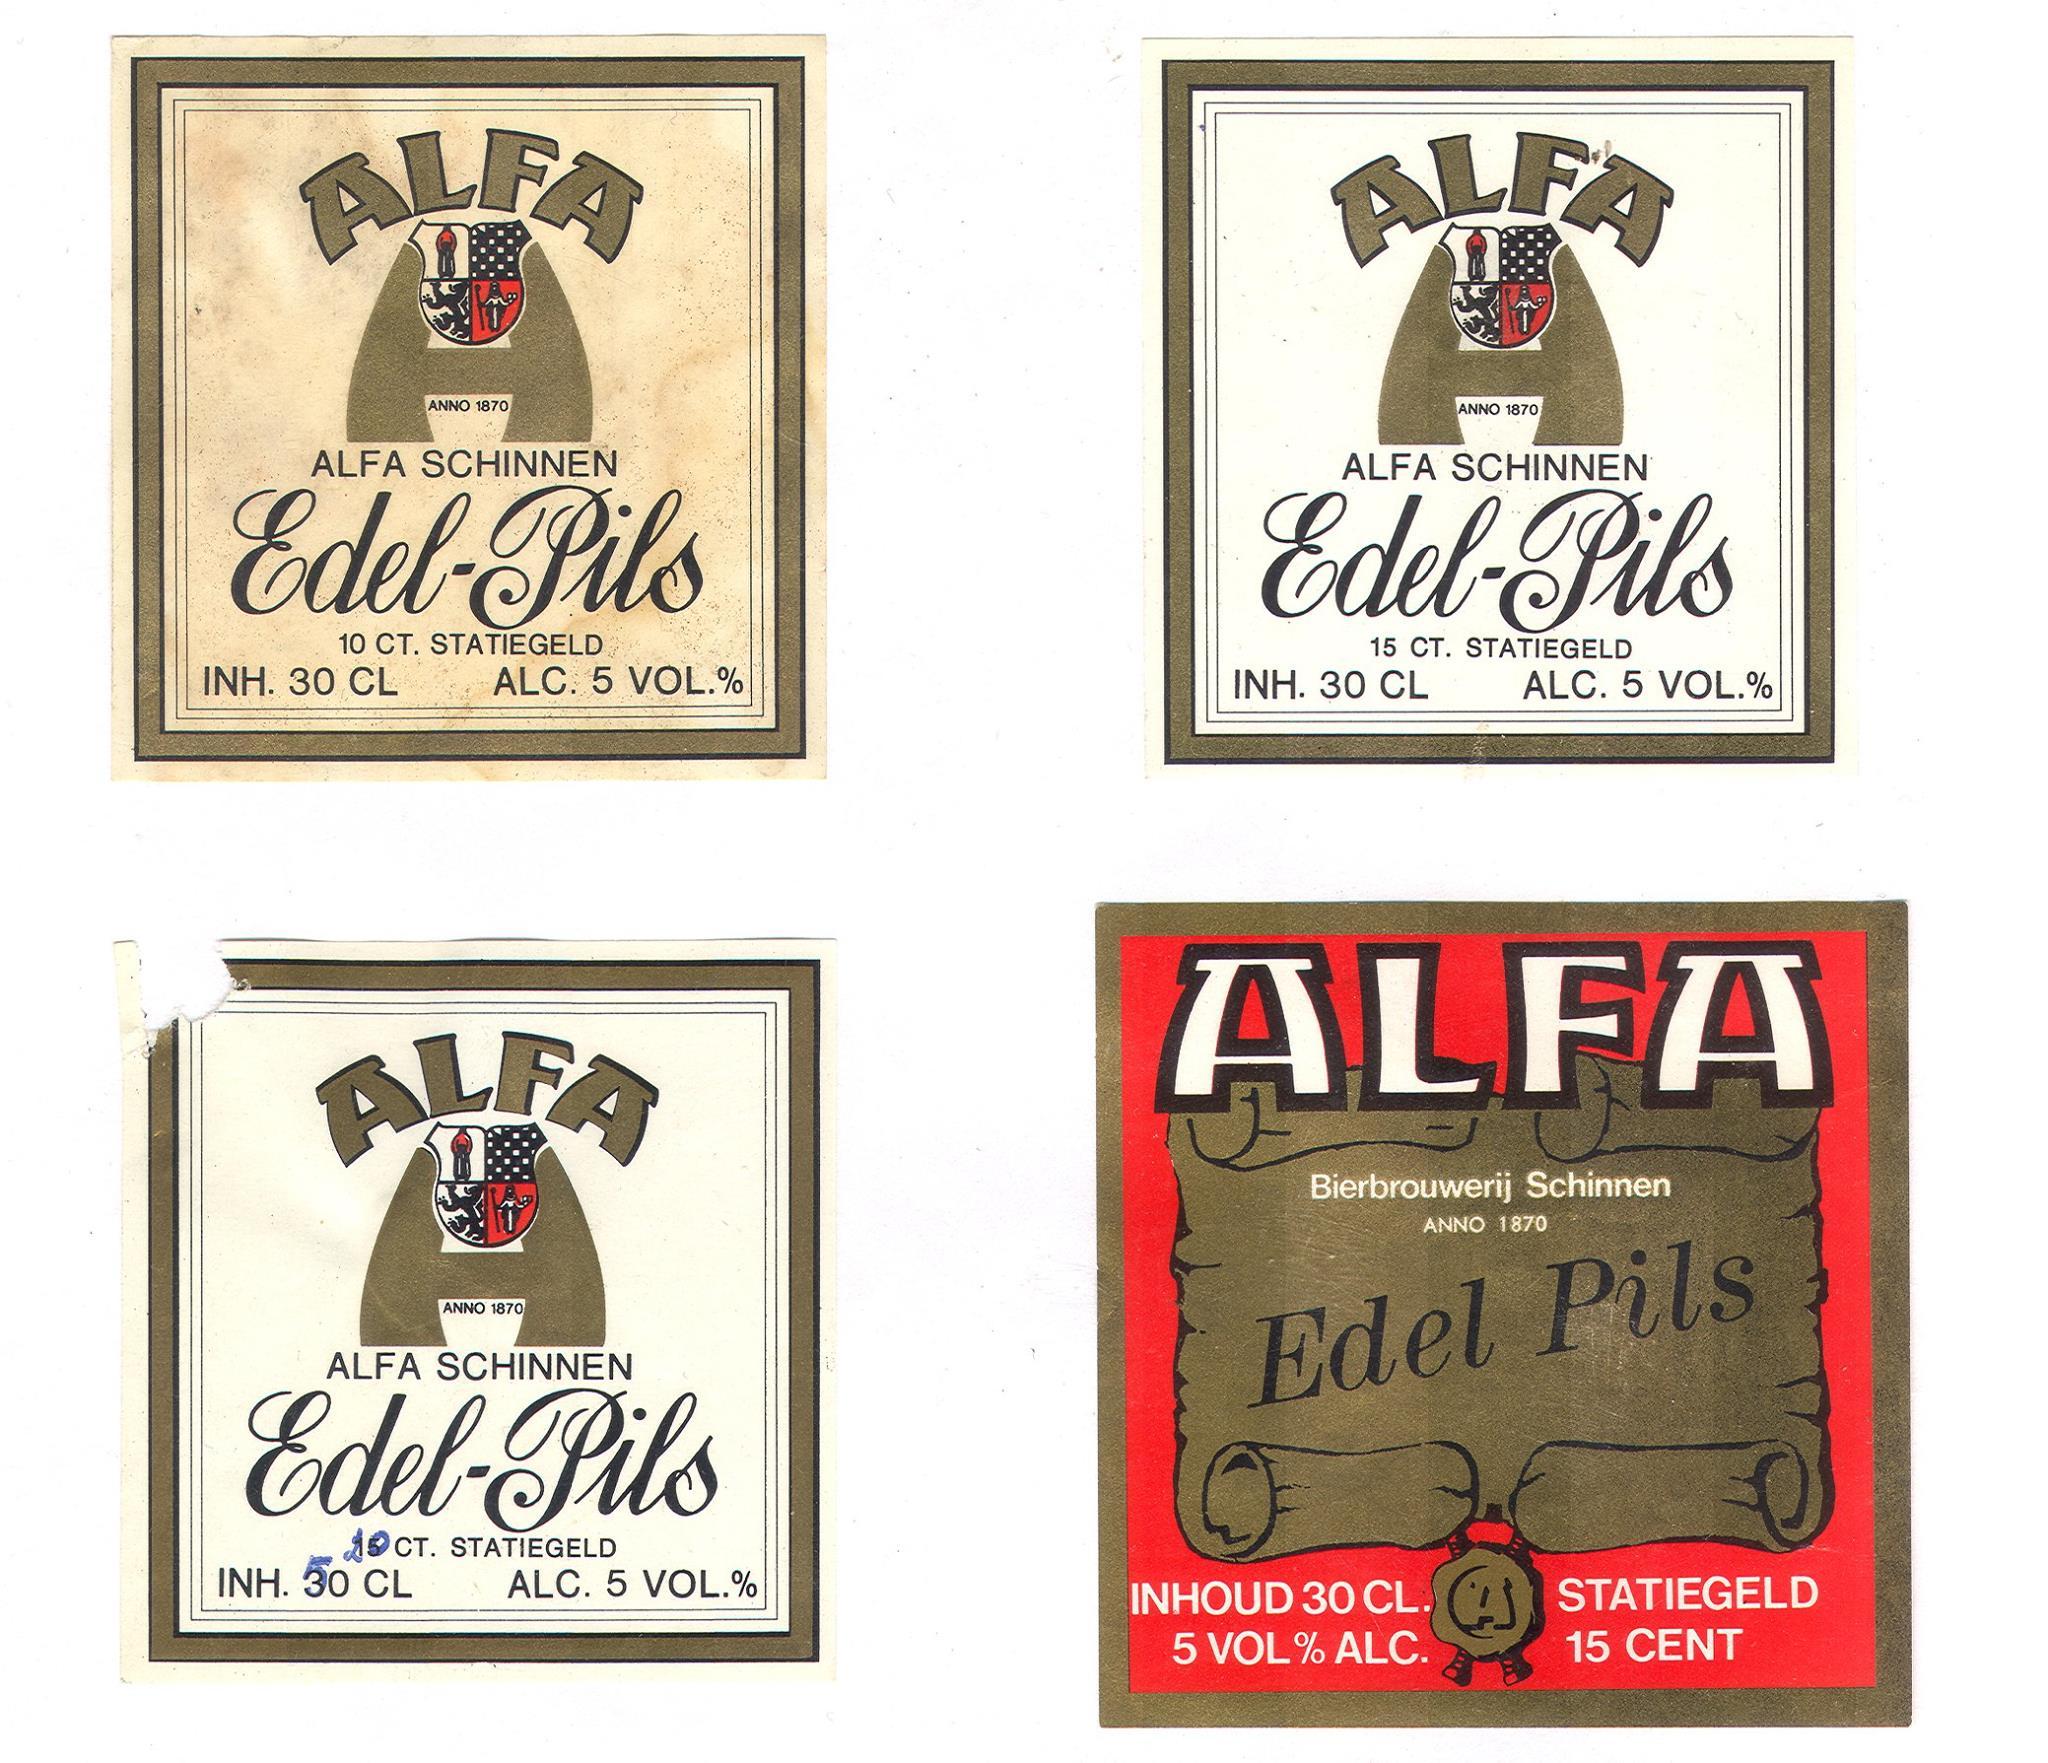 In-ons-archief-vonden-we-oude-etiketten--Leuk-om-eens-te-bekijken--Van-1870-tot-1953-had-onze-brouwerij-de-naam-Meens-bier-vanaf-1953-werd-het-Alfa-bier-3